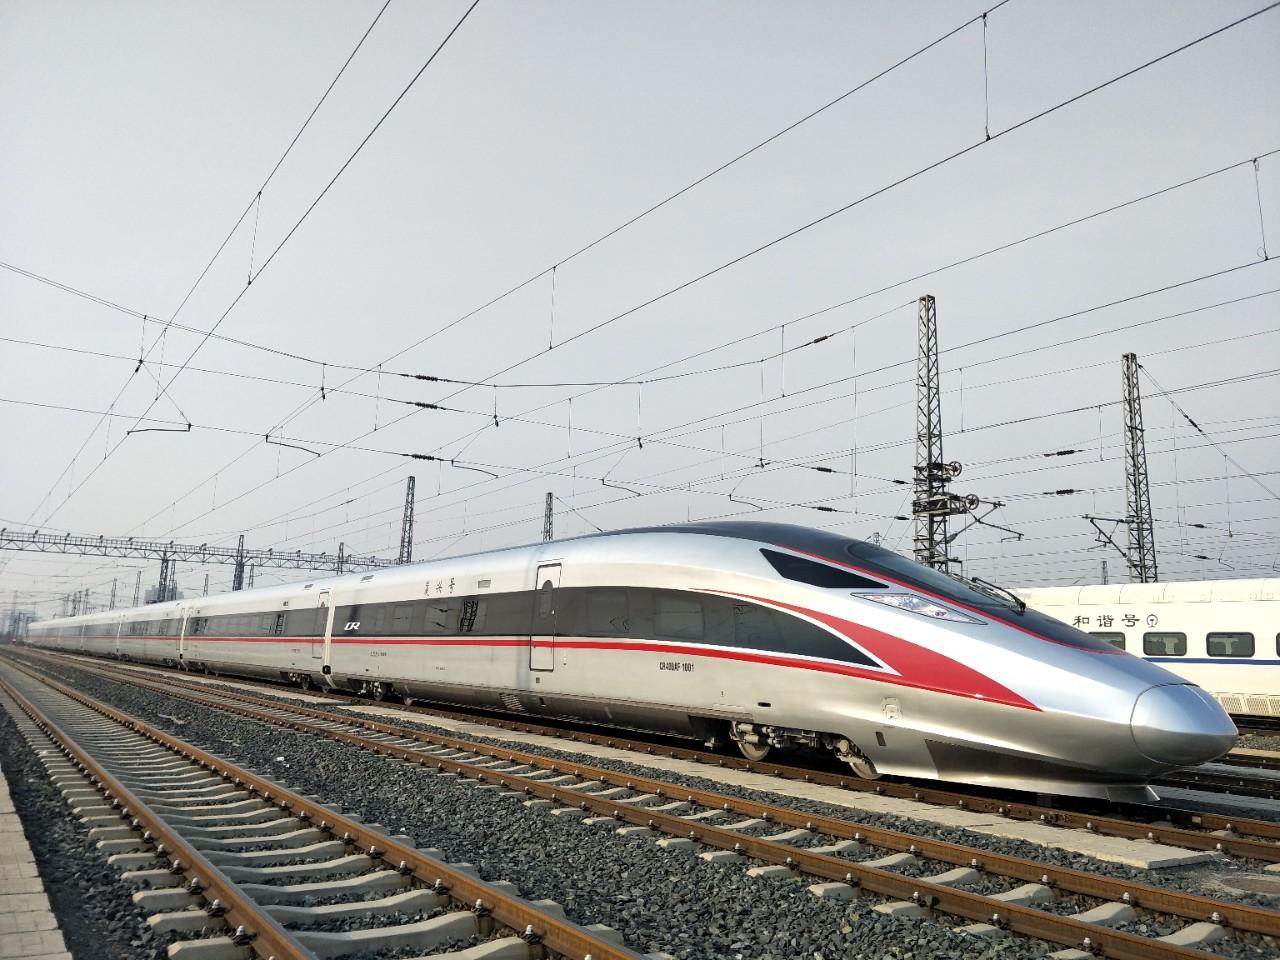 چین از یک قطار گلوله ای سریع السیر جدید به نام CR400AF-G رونمایی کرده که می تواند به سرعت 350 کیلومتر در ساعت در دمای تا 40 درجه زیر صفر برسد